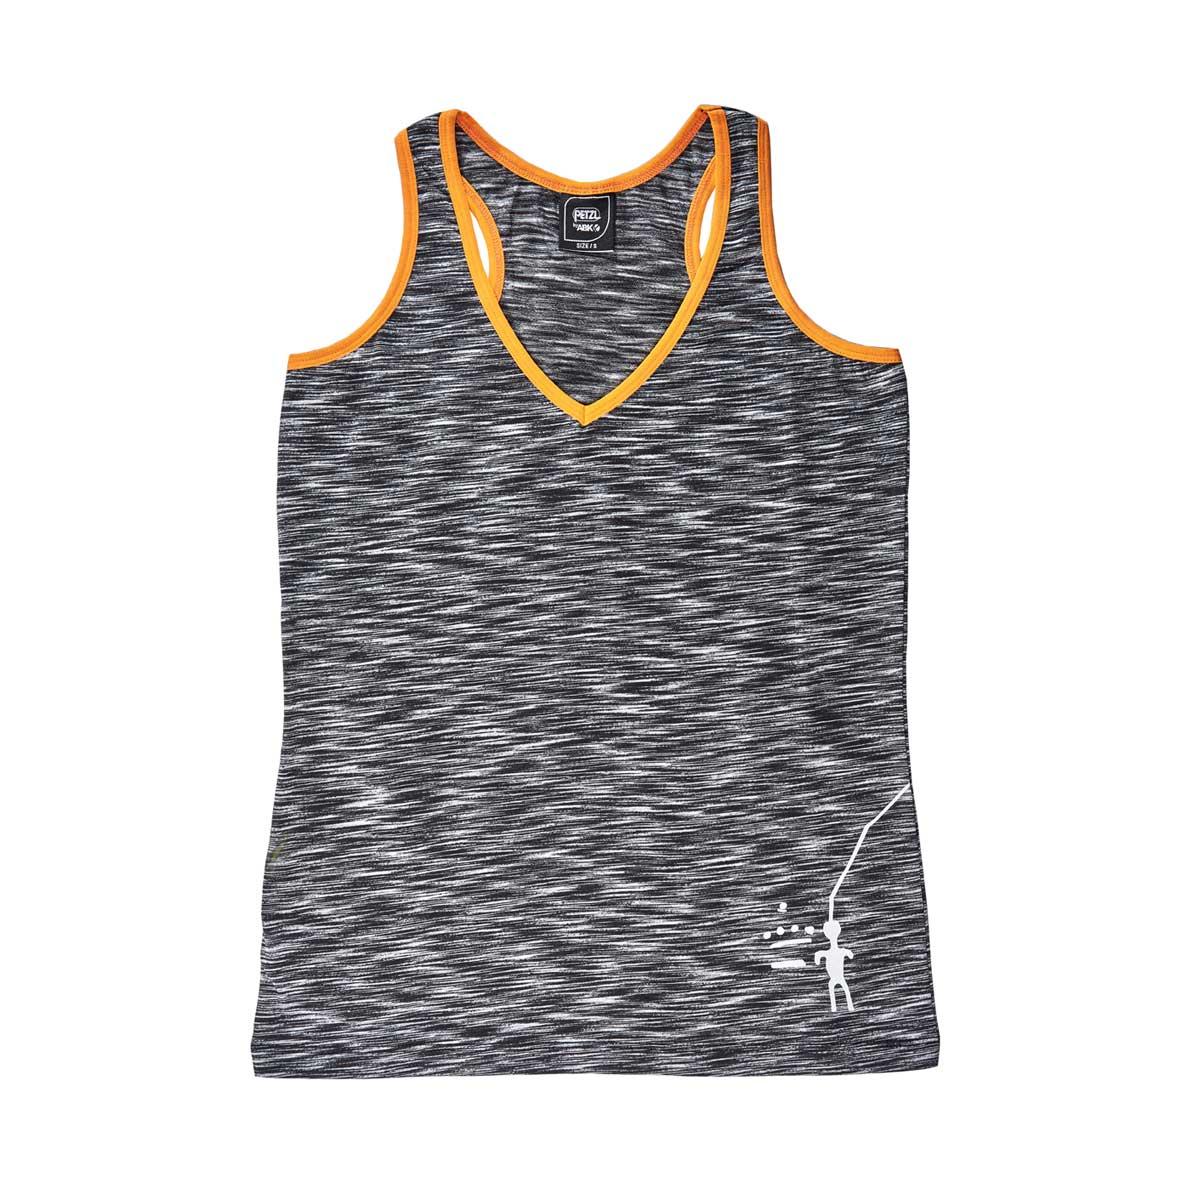 City Sport - Camiseta Feminina Regata Tamanho M Petzl